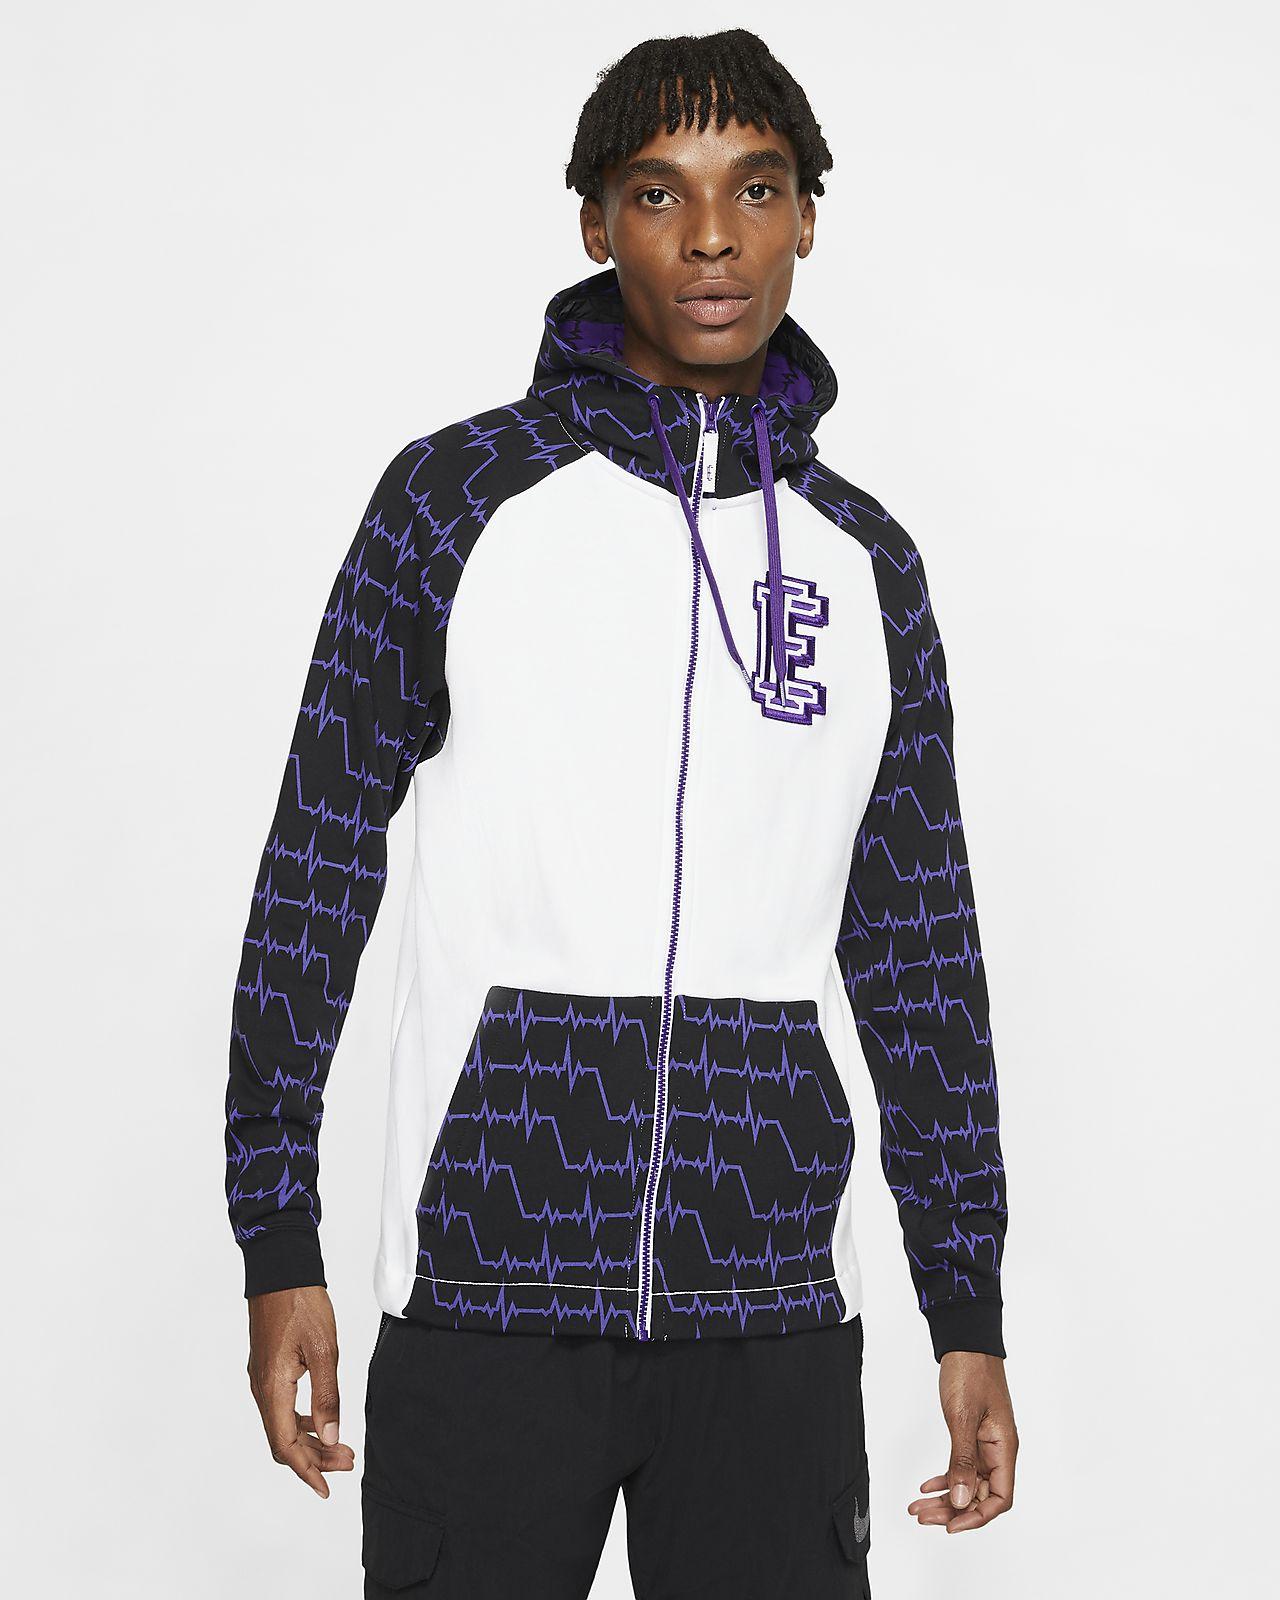 Ethan's Nike Sportswear Doernbecher Men's Full Zip Hoodie